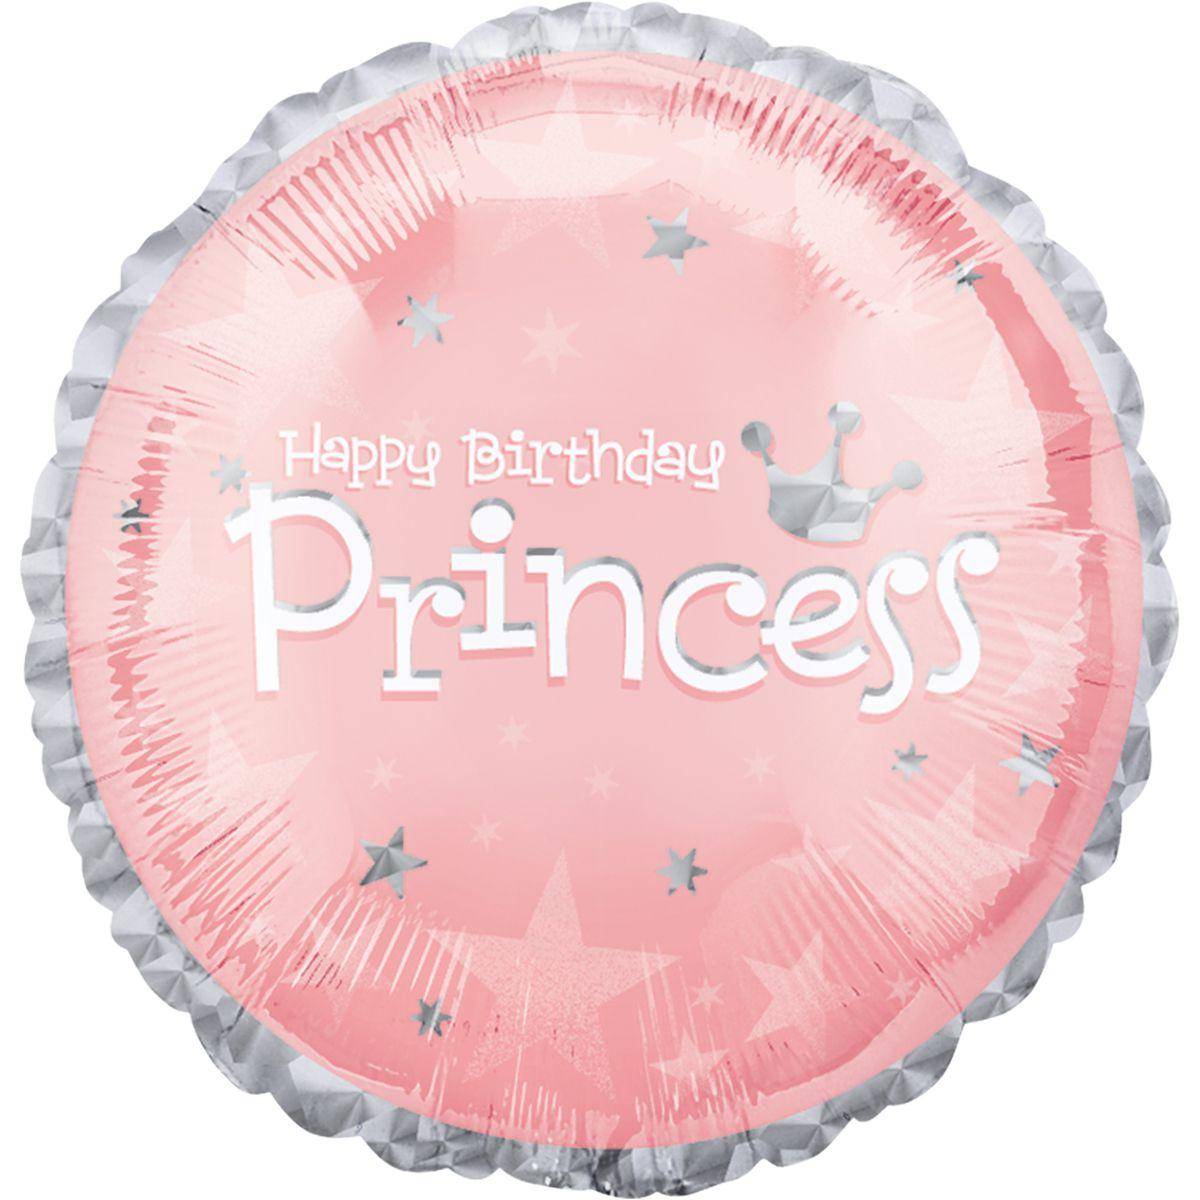 """Кулька 18"""" круг фольгована """"С днем рождения принцесса, голографія"""" малюнок УП шт."""